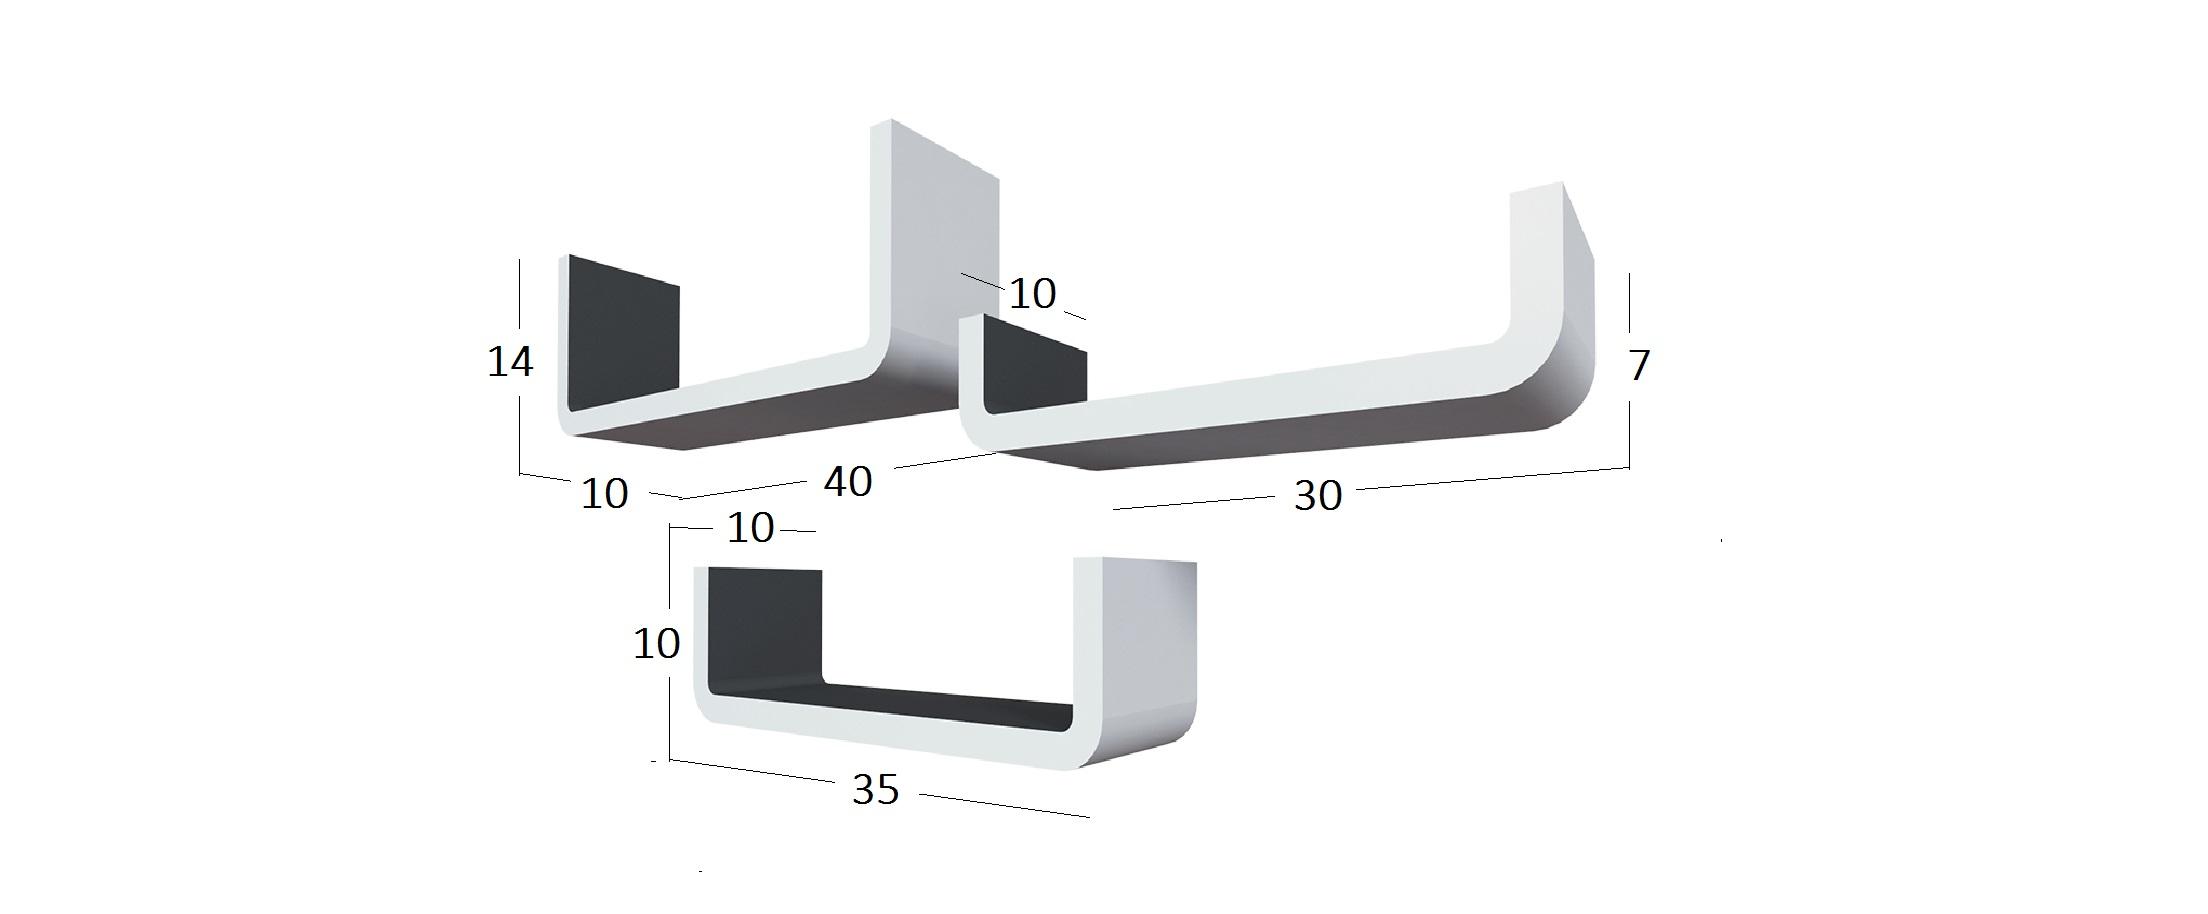 Полка Италия модель 980Полка настенная Италия модель 980. Современный дизайн и разнообразные расцветки смогут отлично вписать полку в любое стилевое решение.